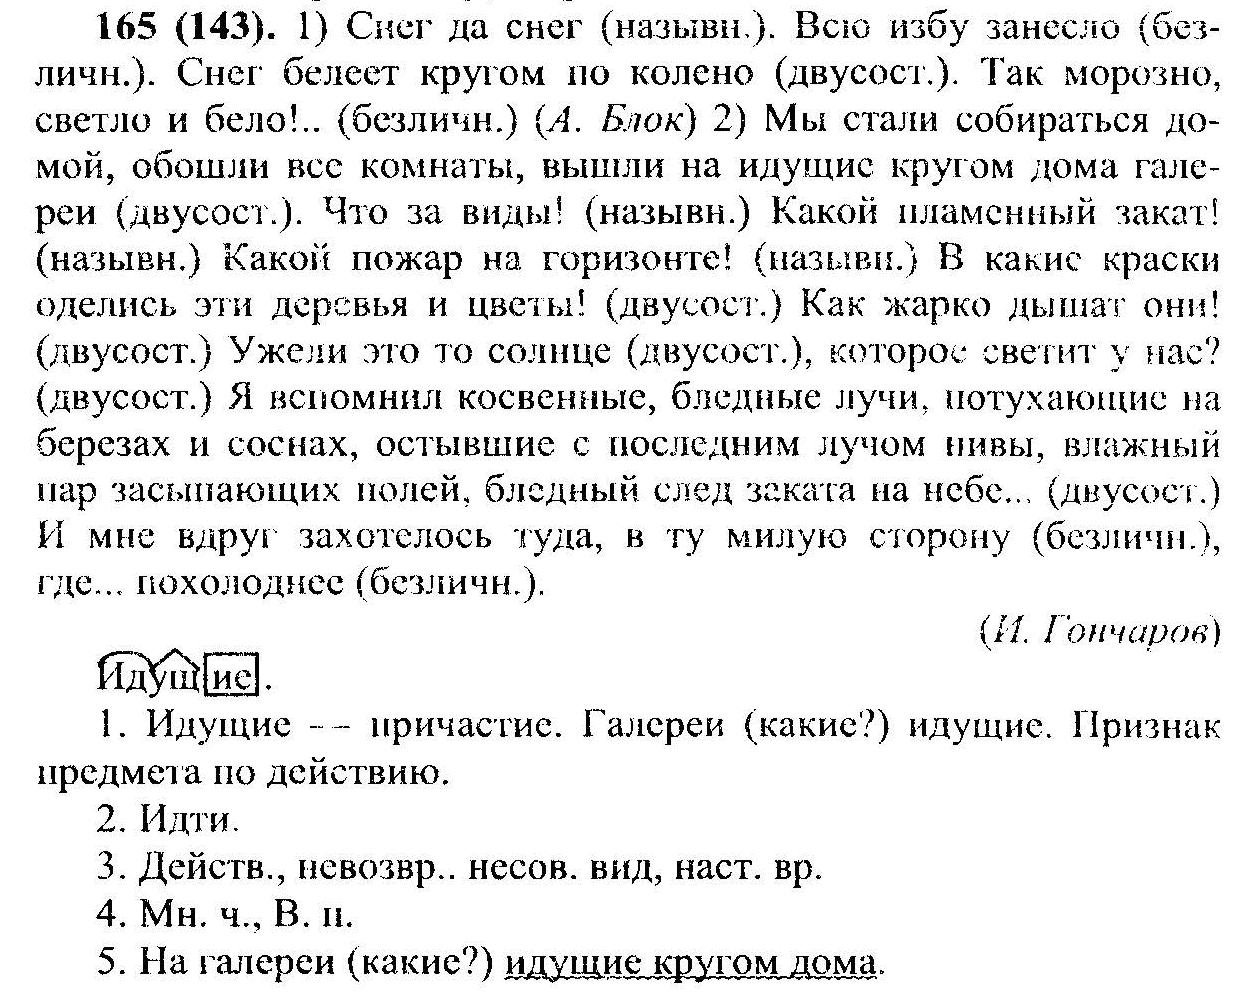 решебник по русскому языку 8 класс русский учебника